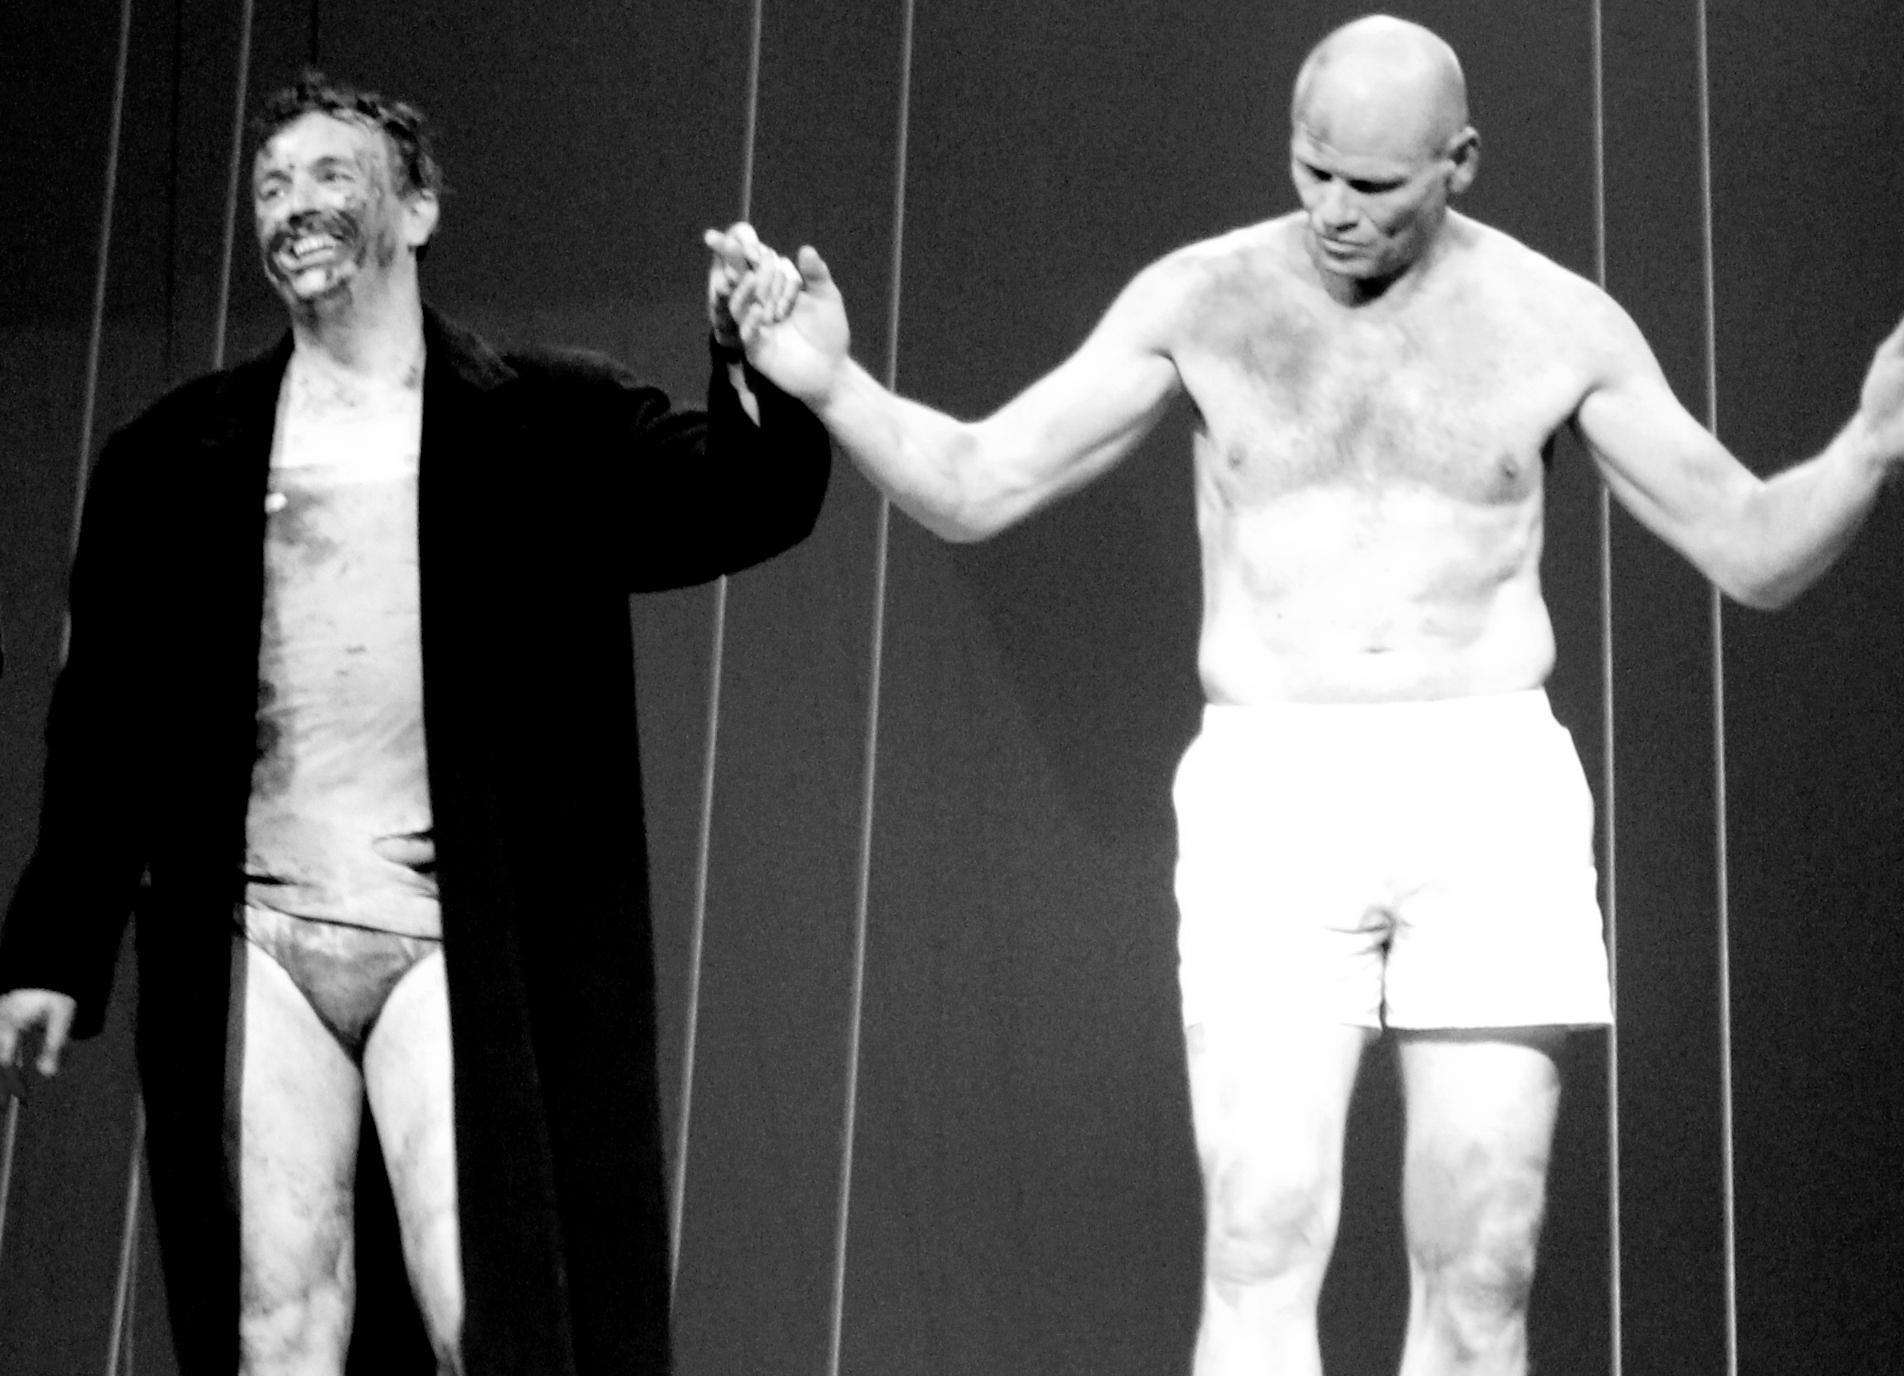 La fête du slip, avec Andrew Watts (Edgar) et Bo Skovhus (Lear)